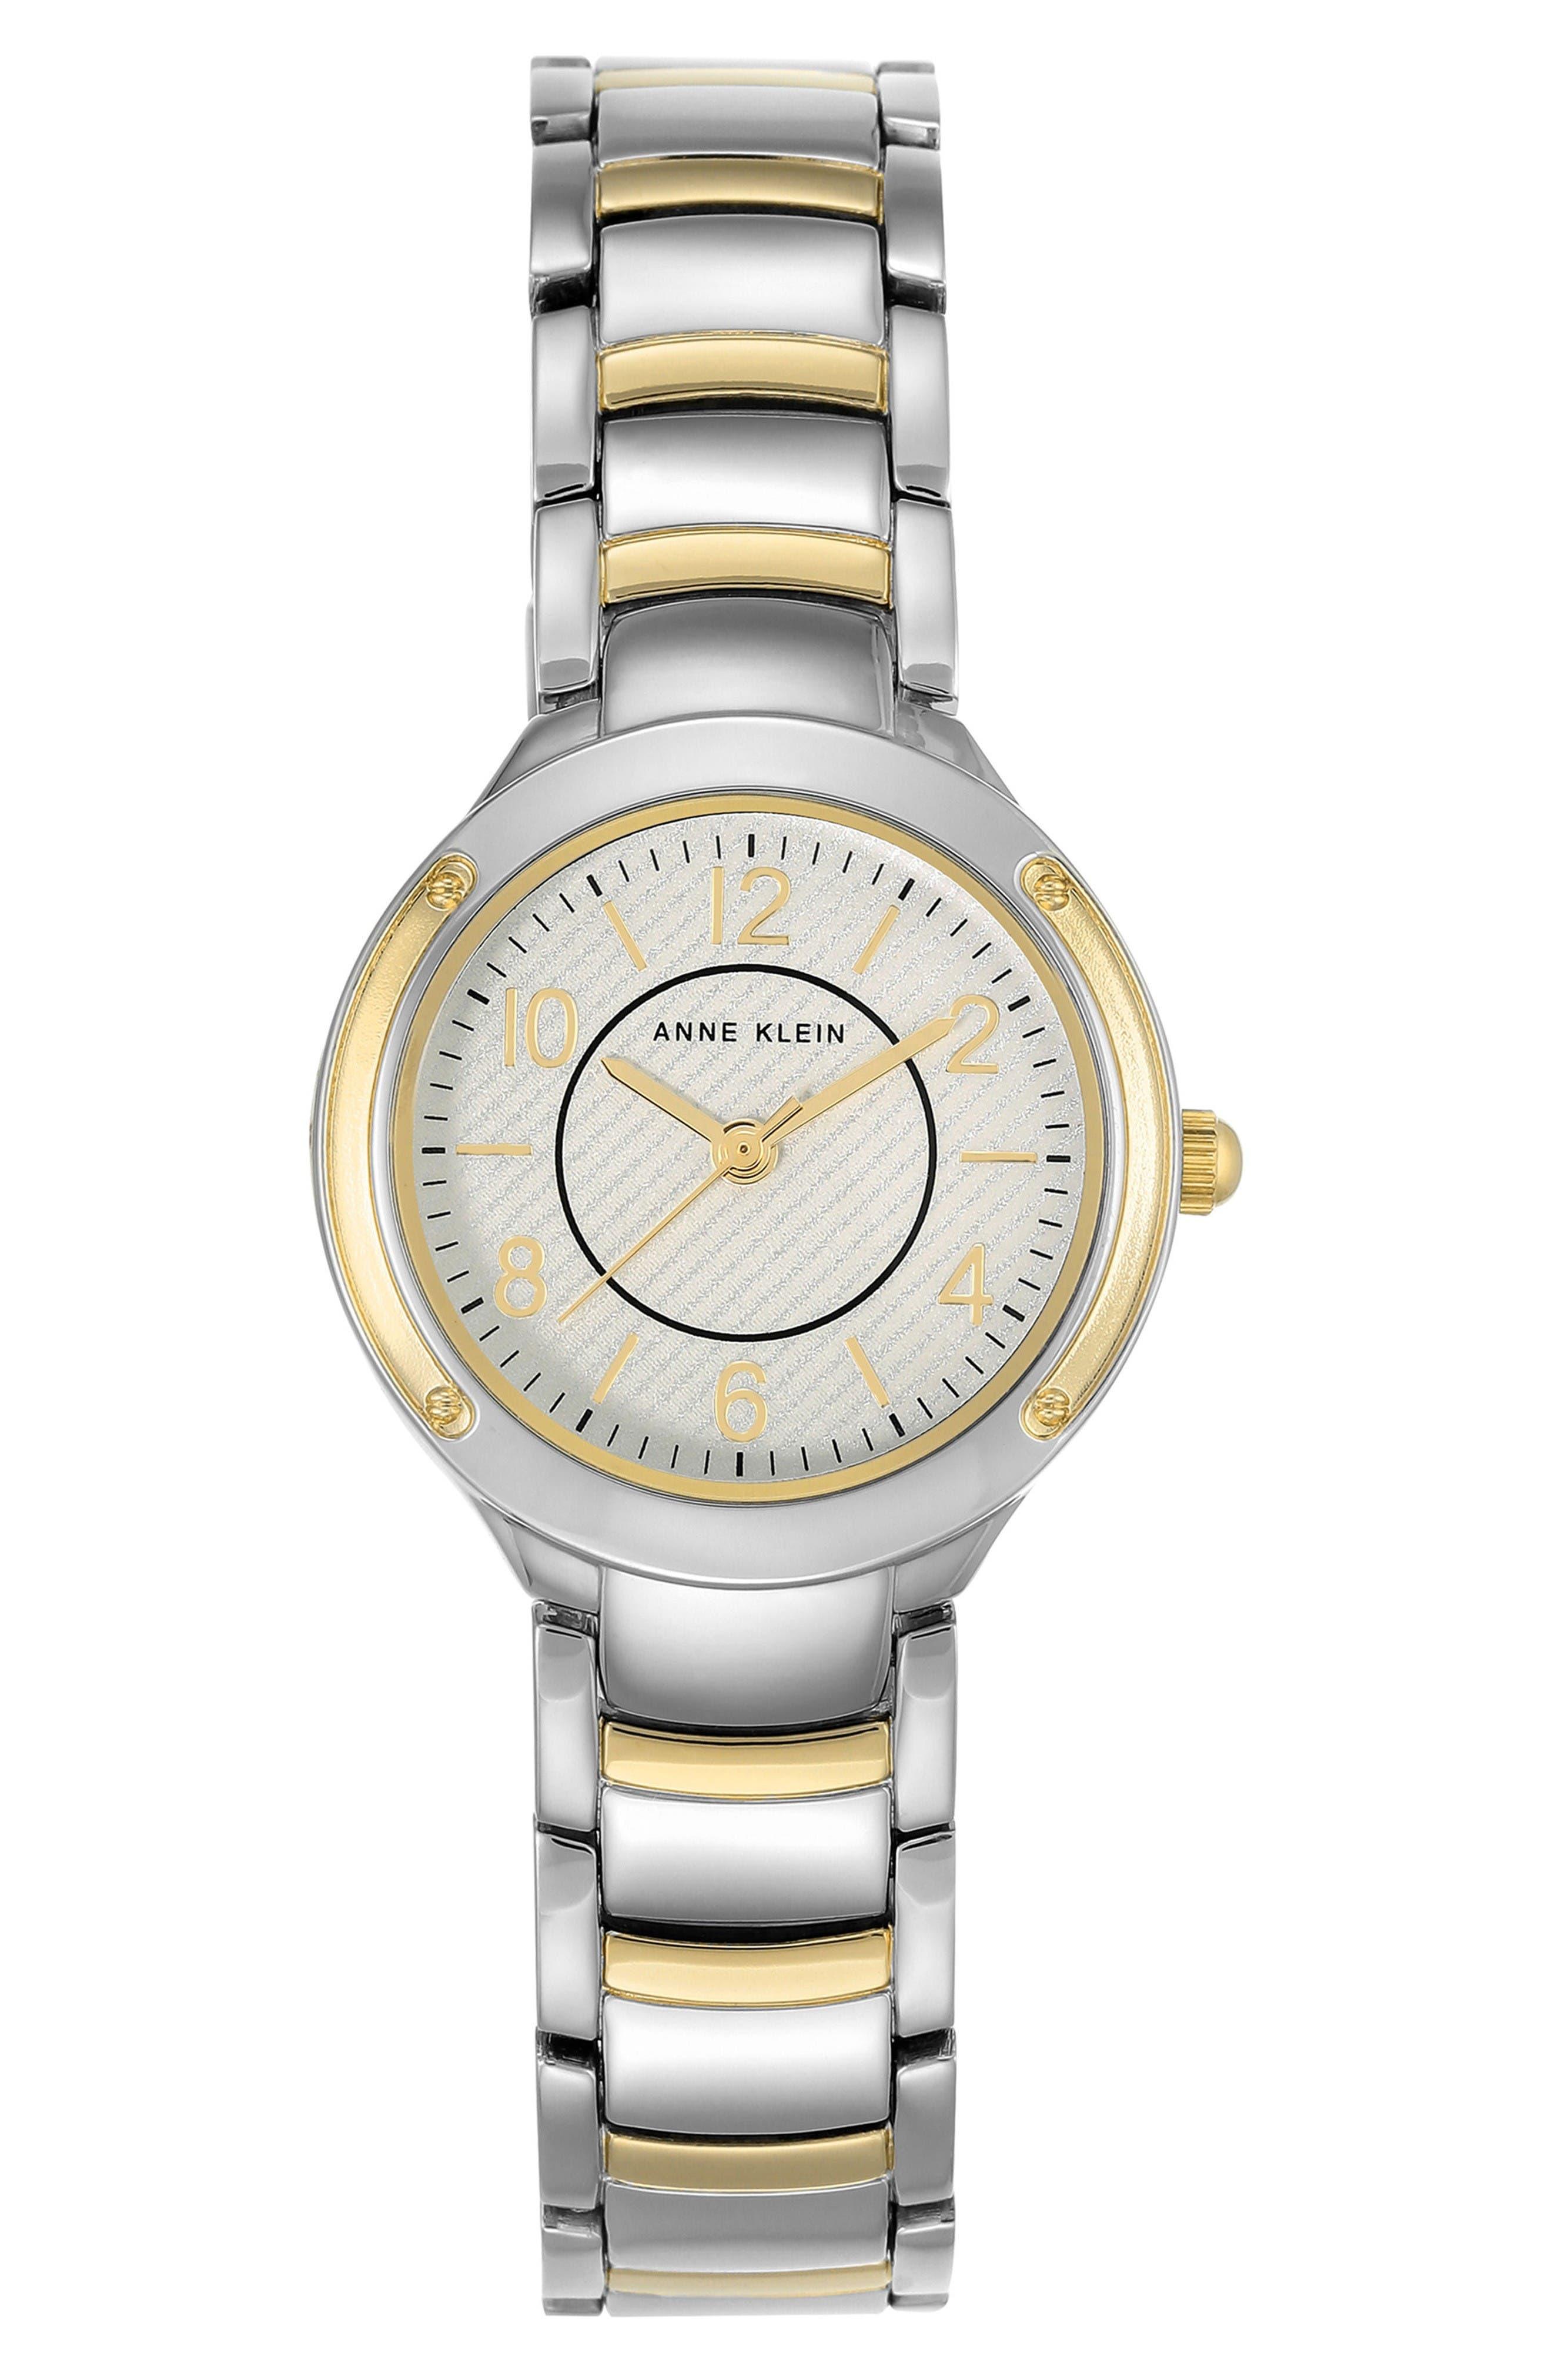 ANNE KLEIN Bracelet Watch, 28mm